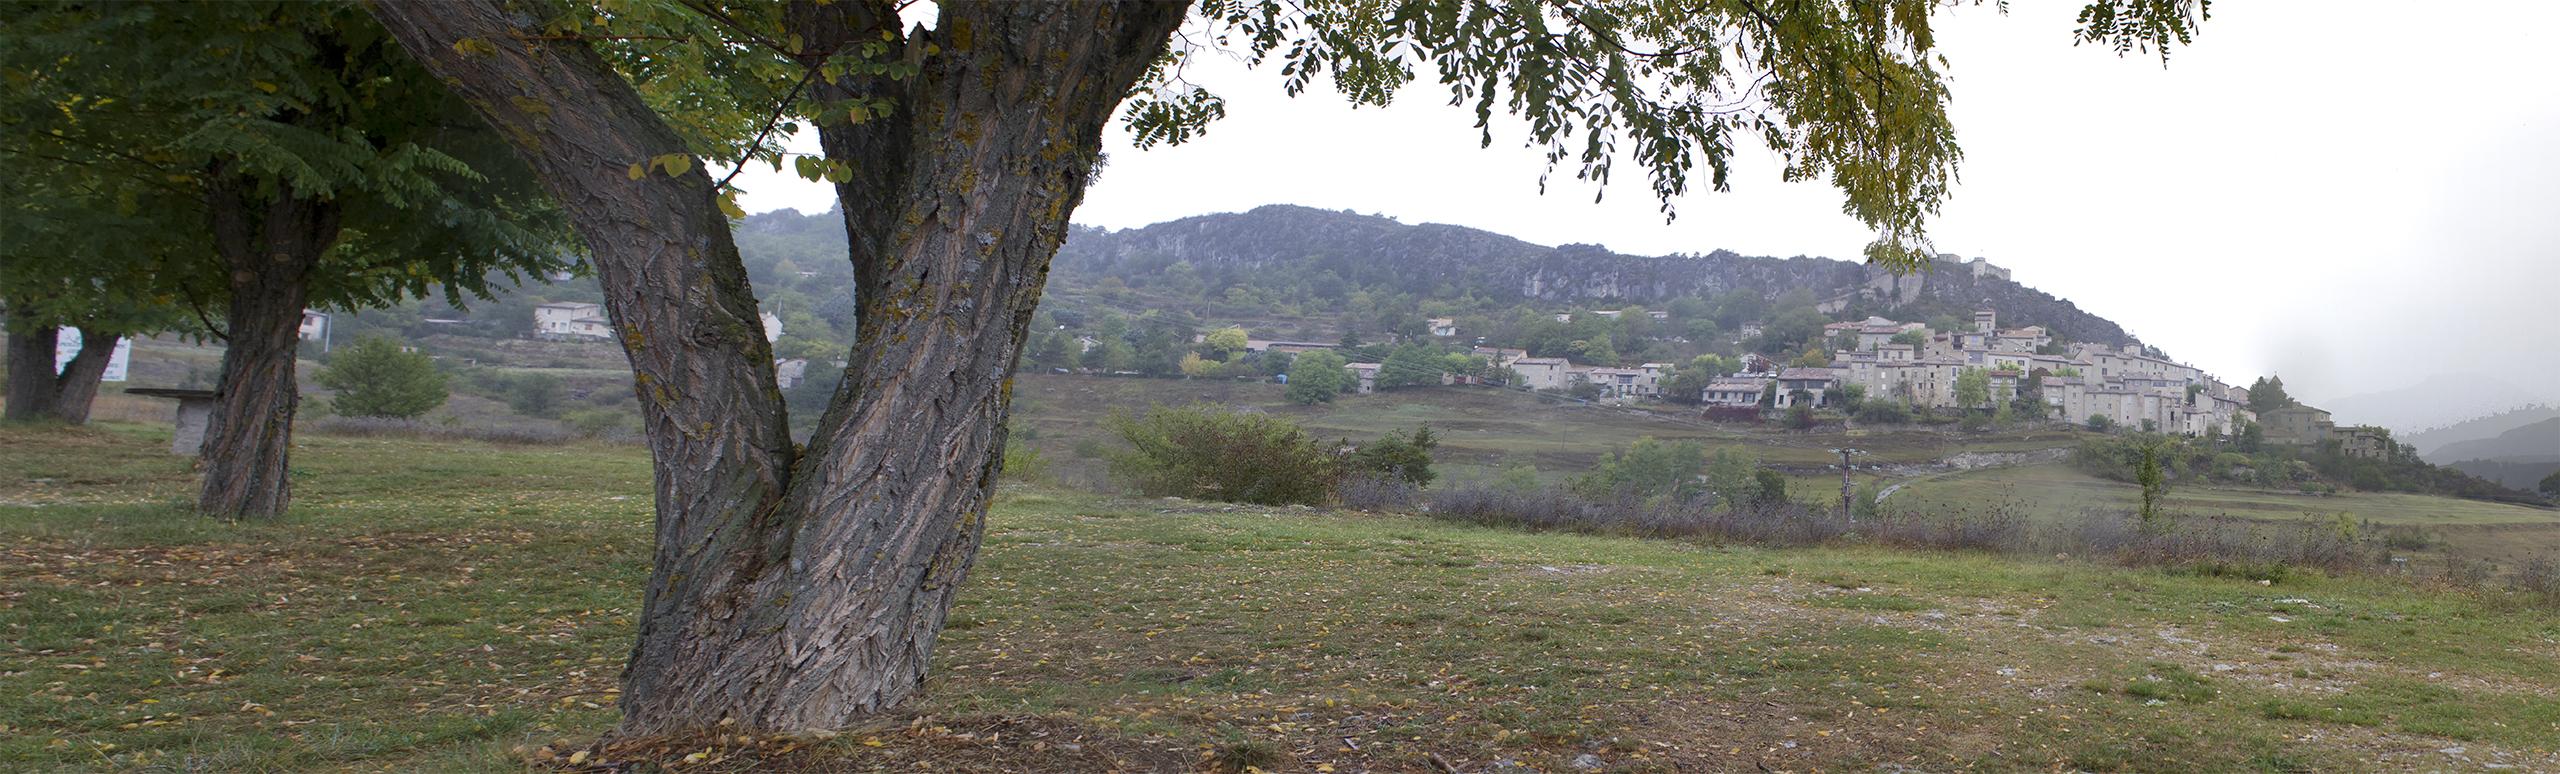 Панорама по пути к Вердонскому ущелью Gorge du Verdon